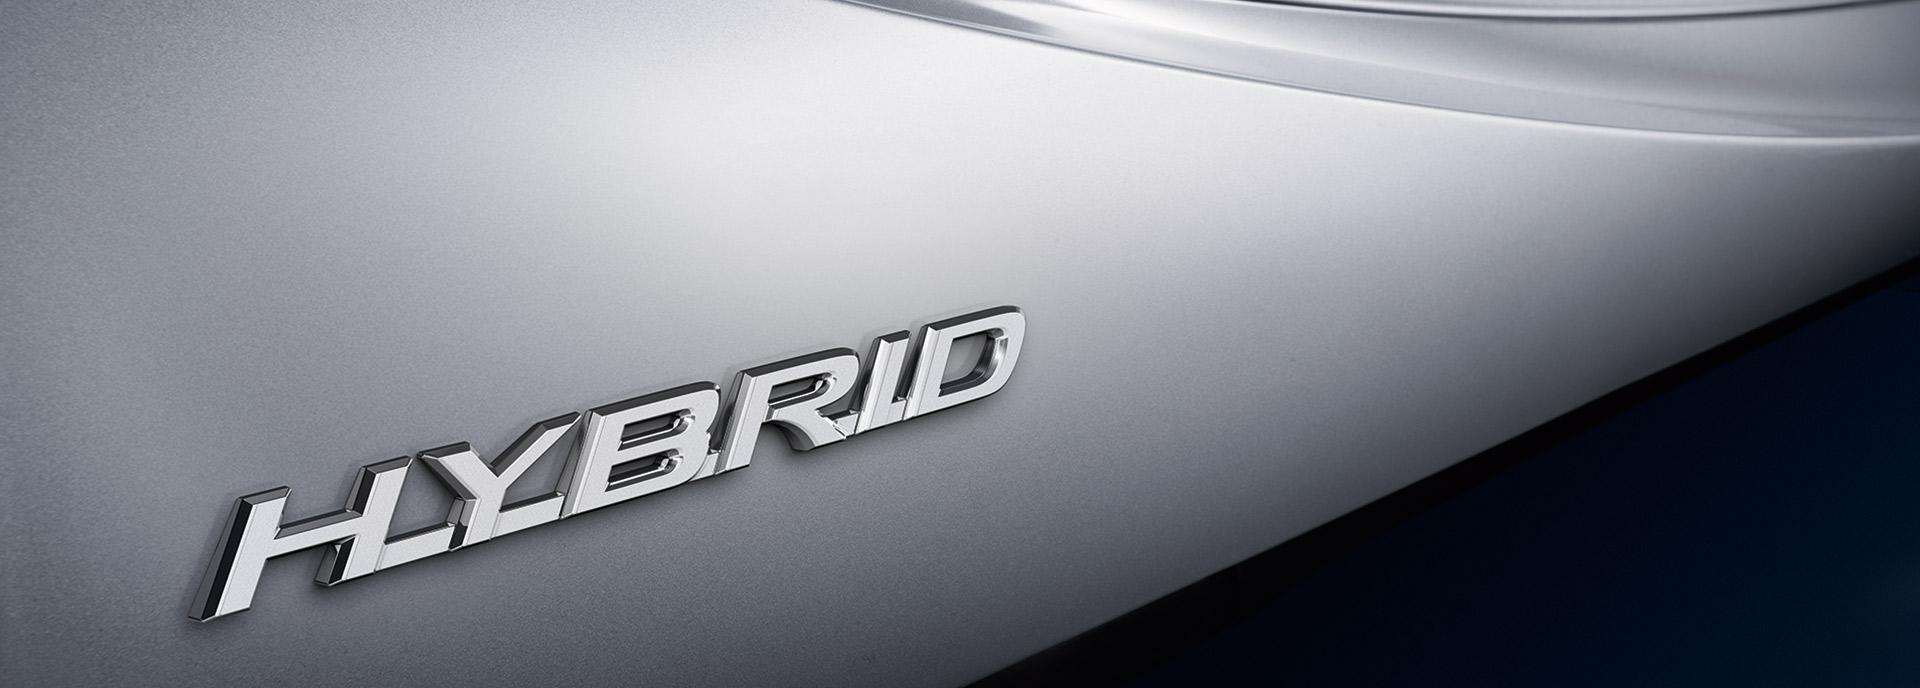 Zoom van de zijkant van een Lexus Hybrid model